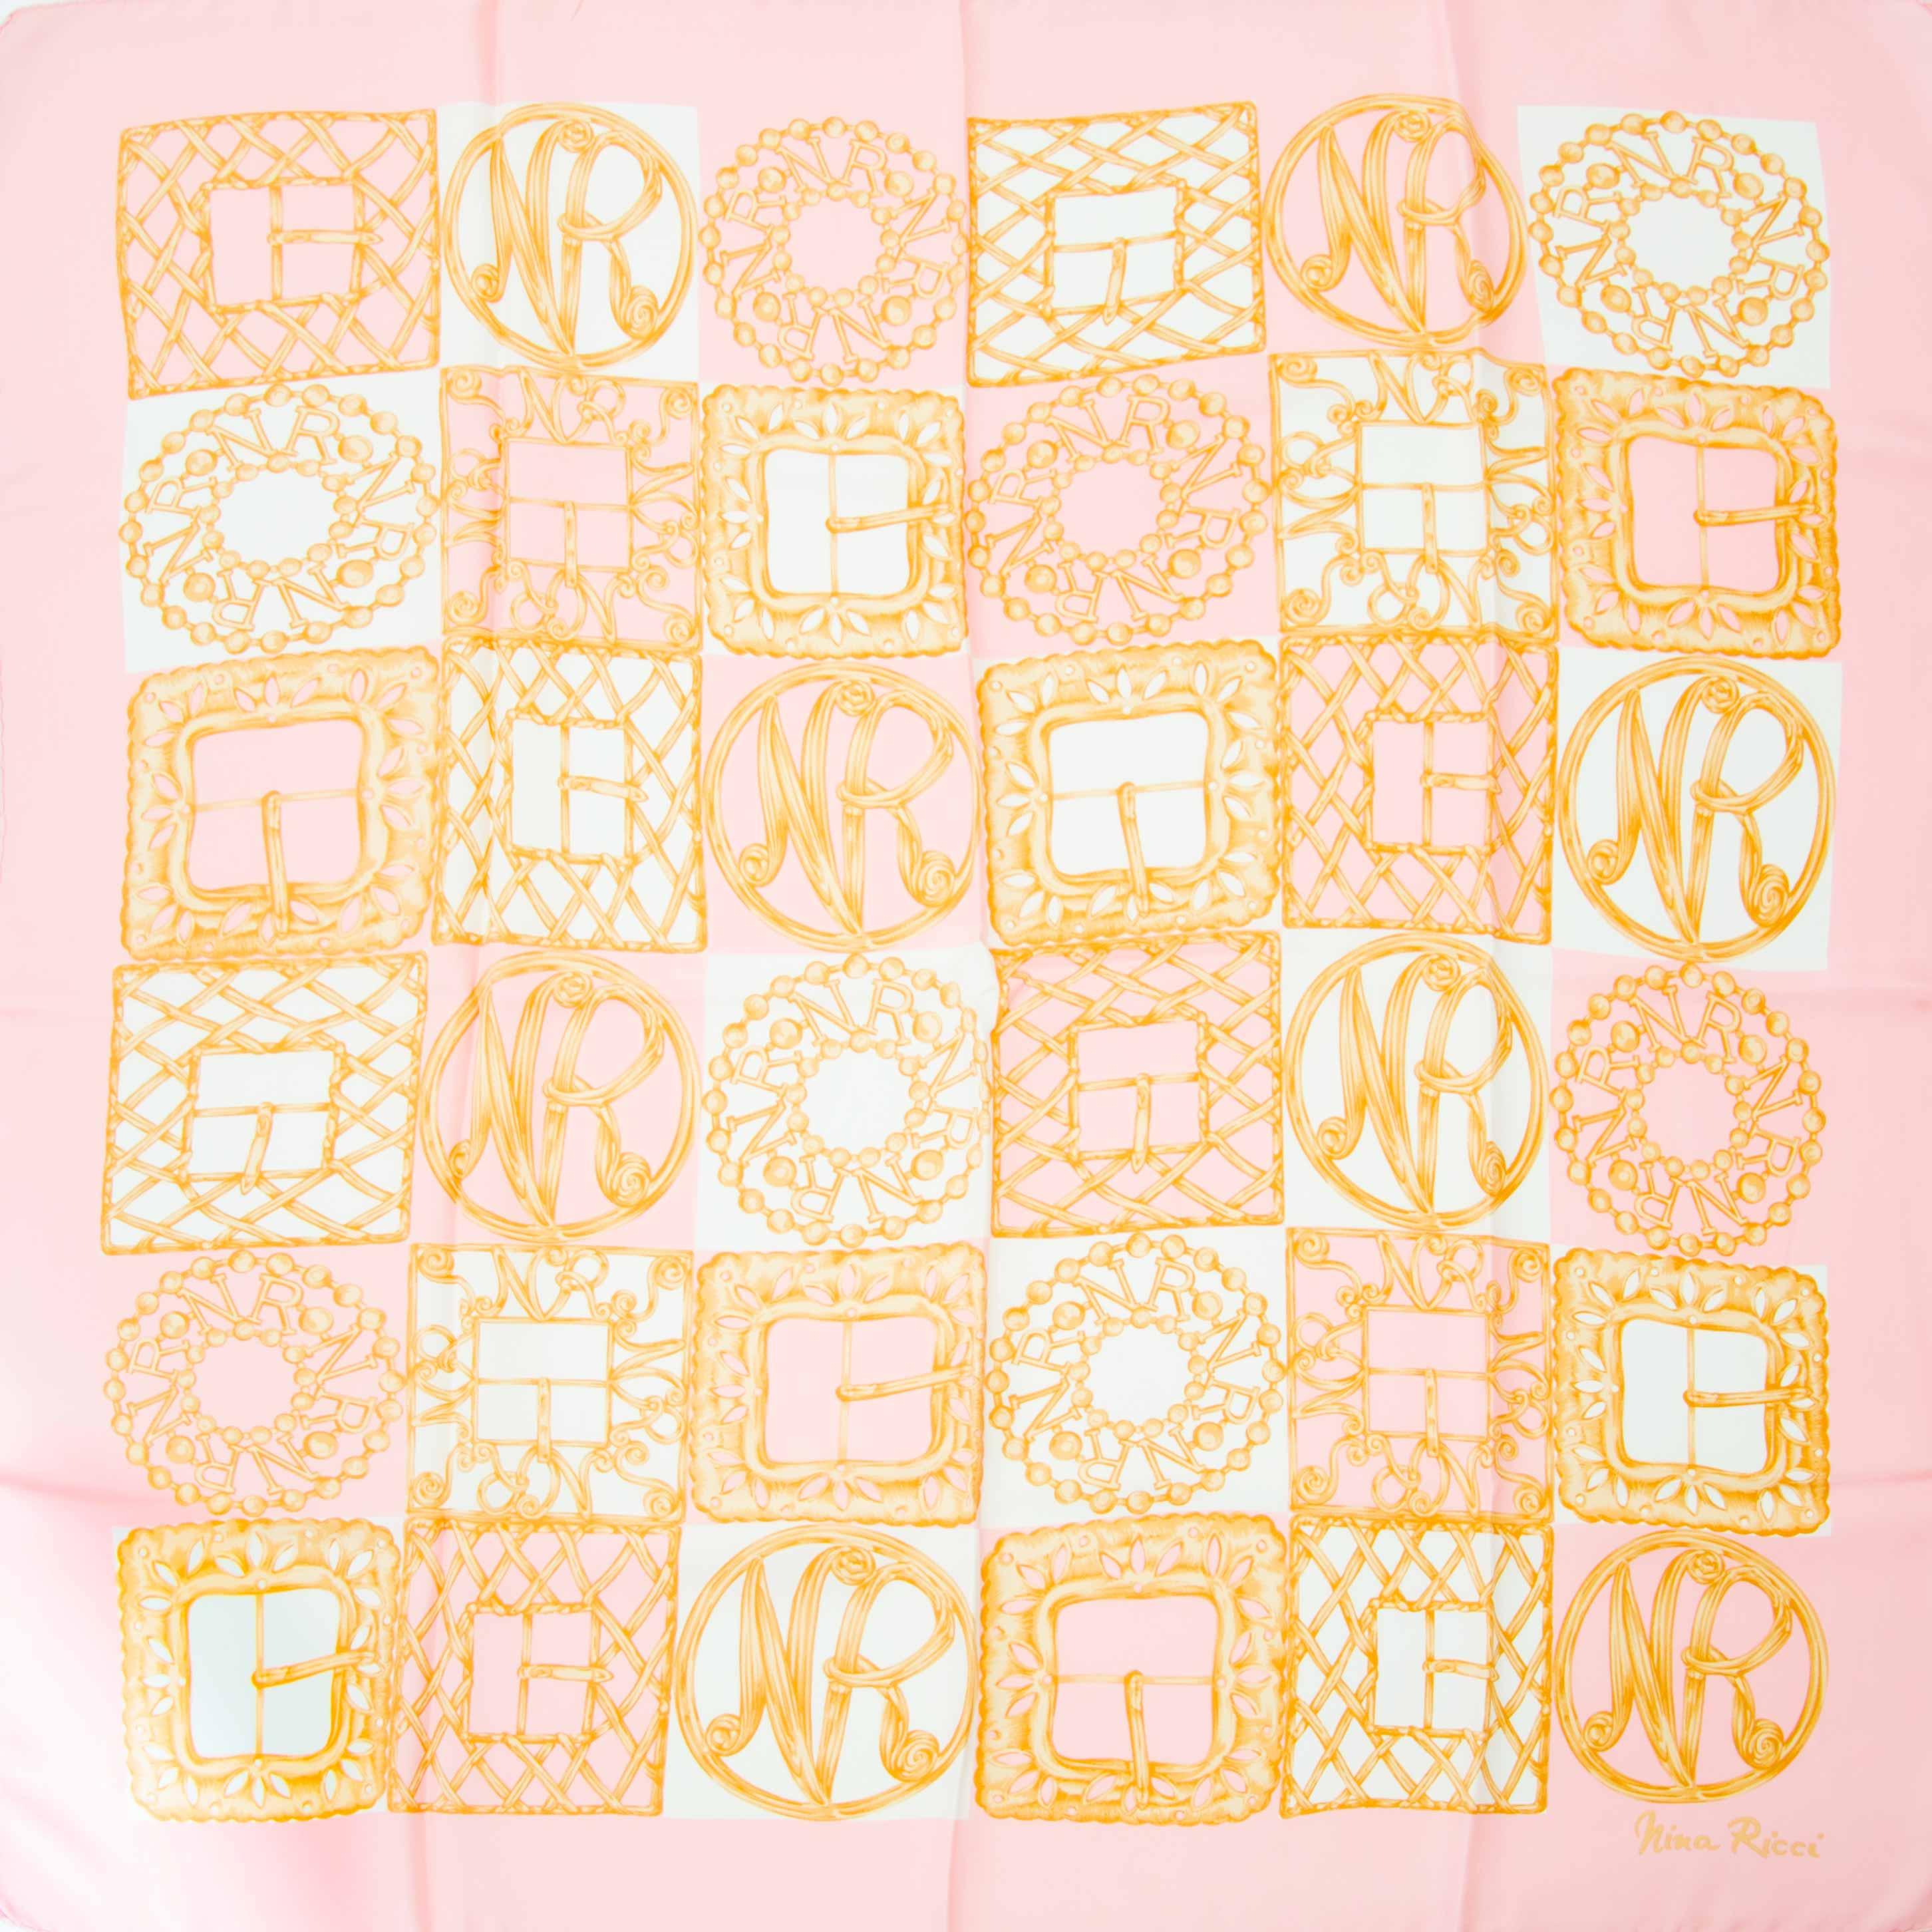 Bent u op zoek naar een authentieke Nina Ricci sjaal?